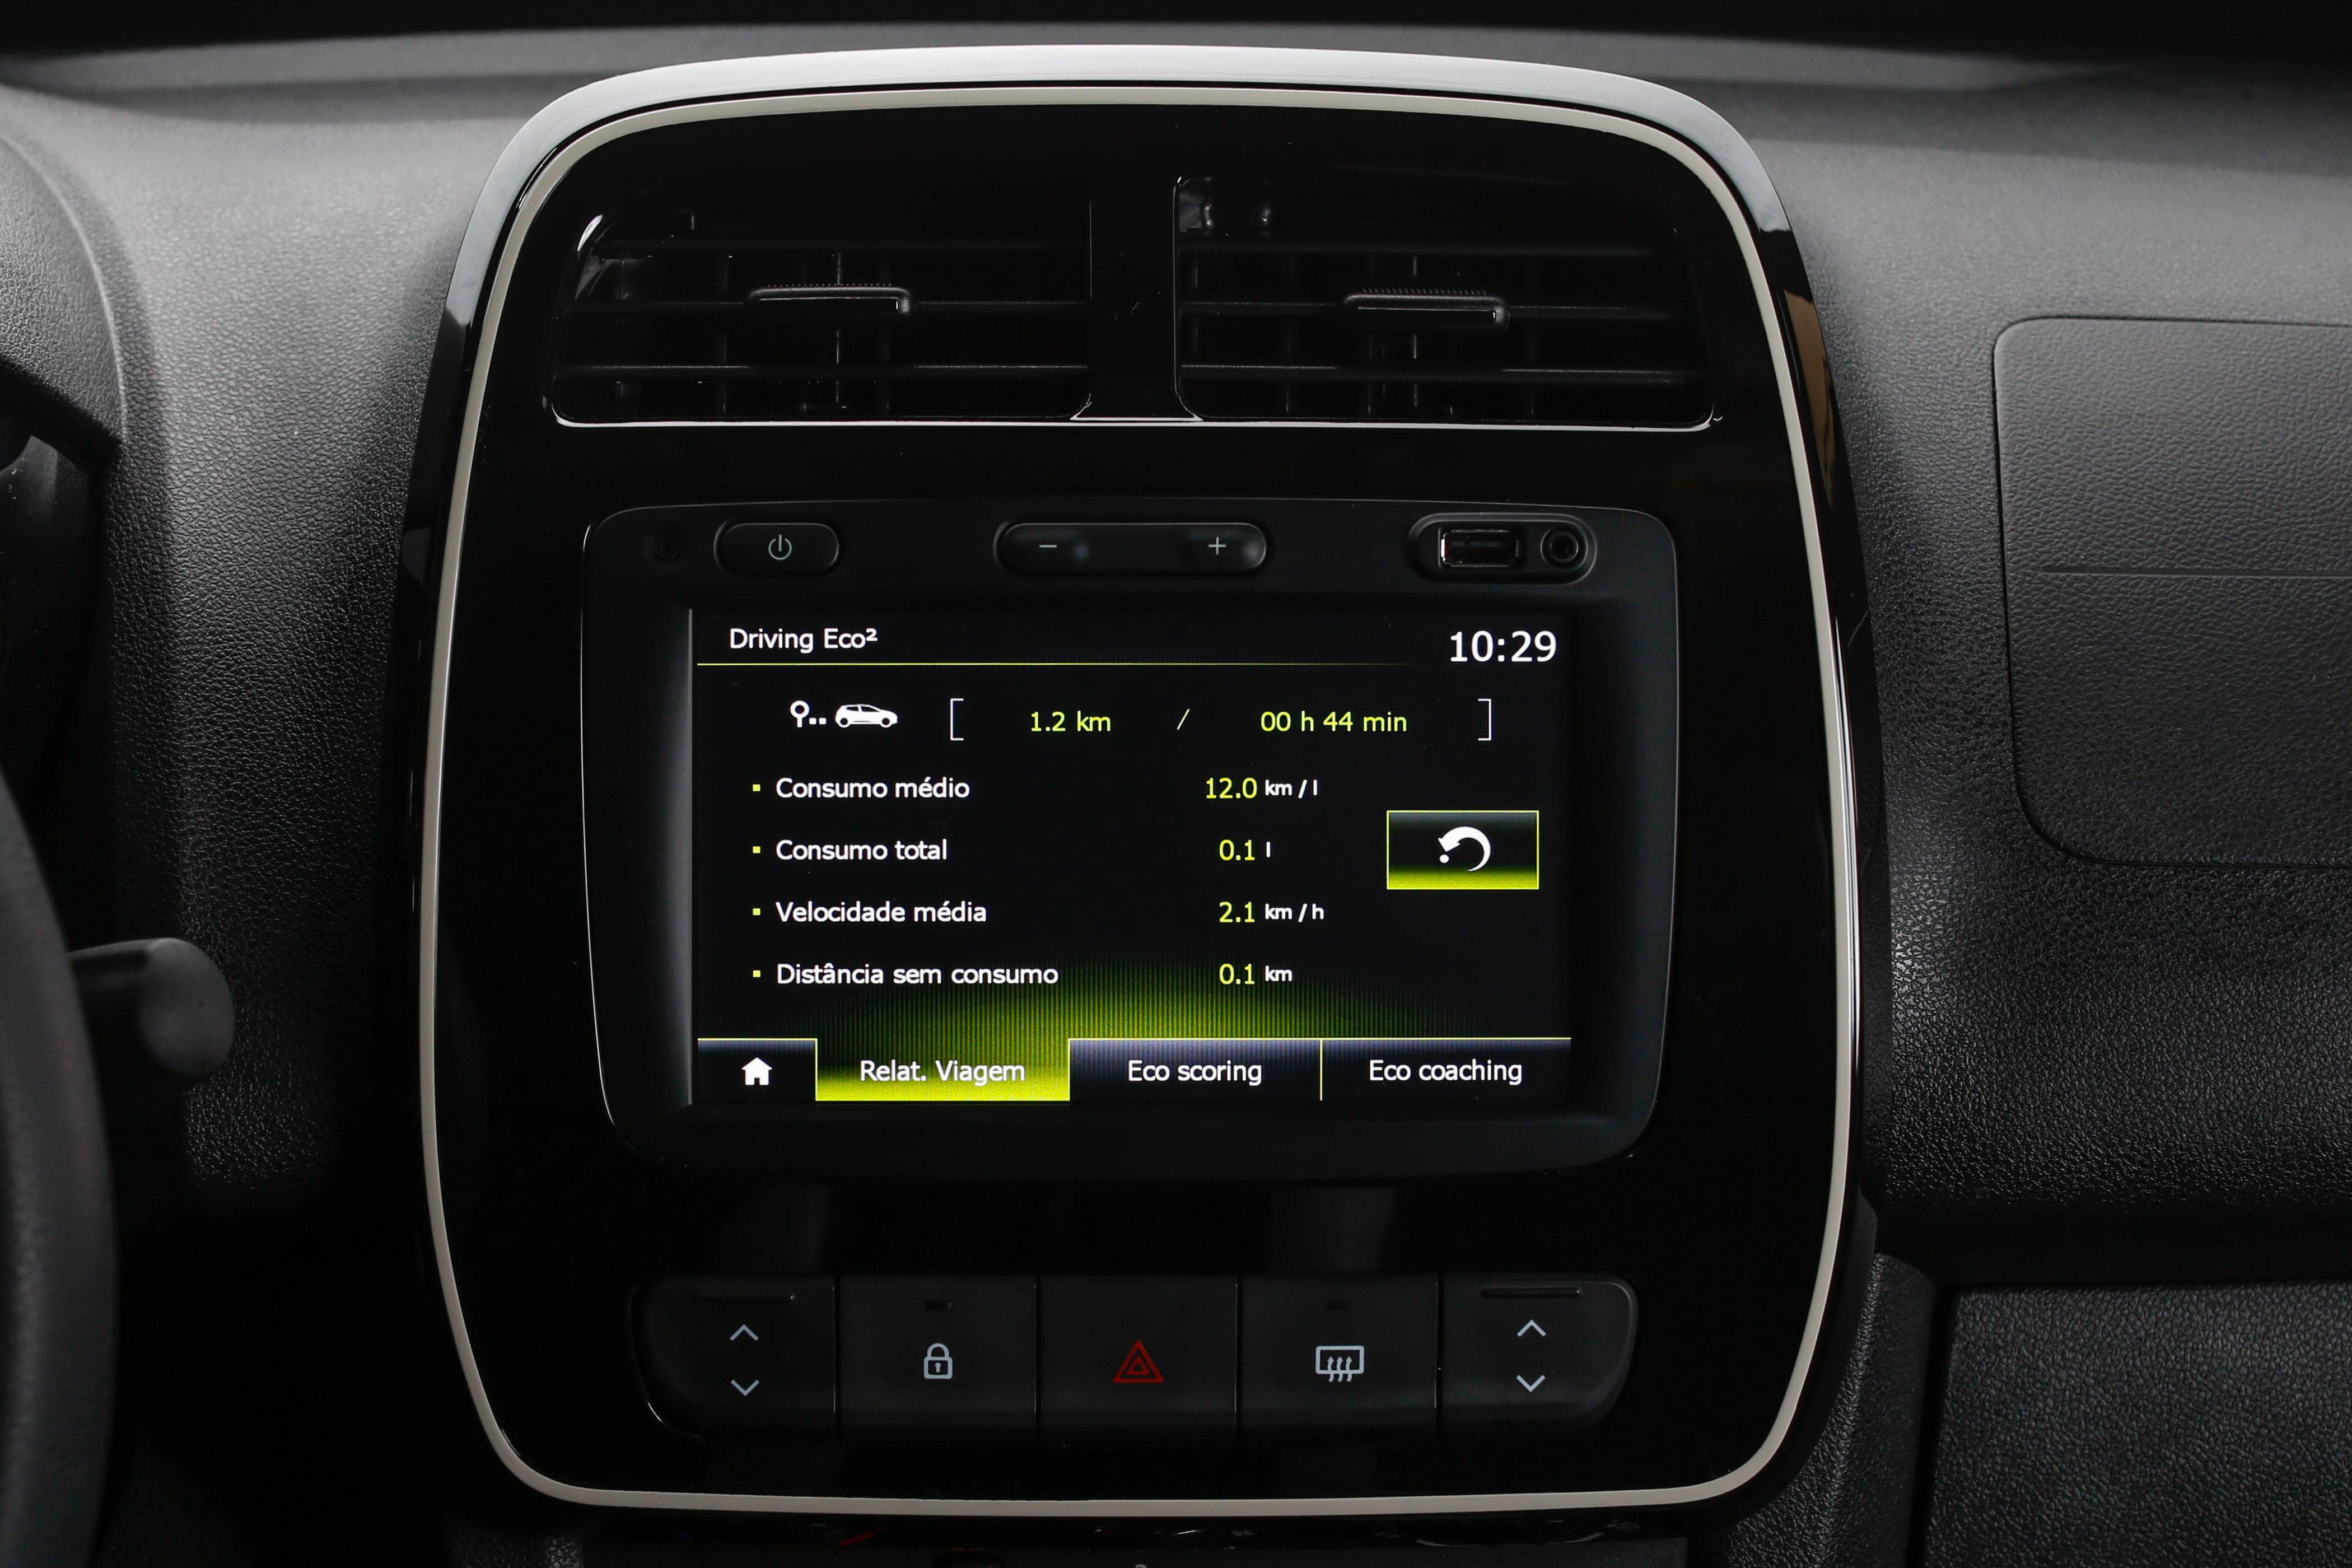 Dicas de economia de combustível no Renault Kwid para reduzir o consumo